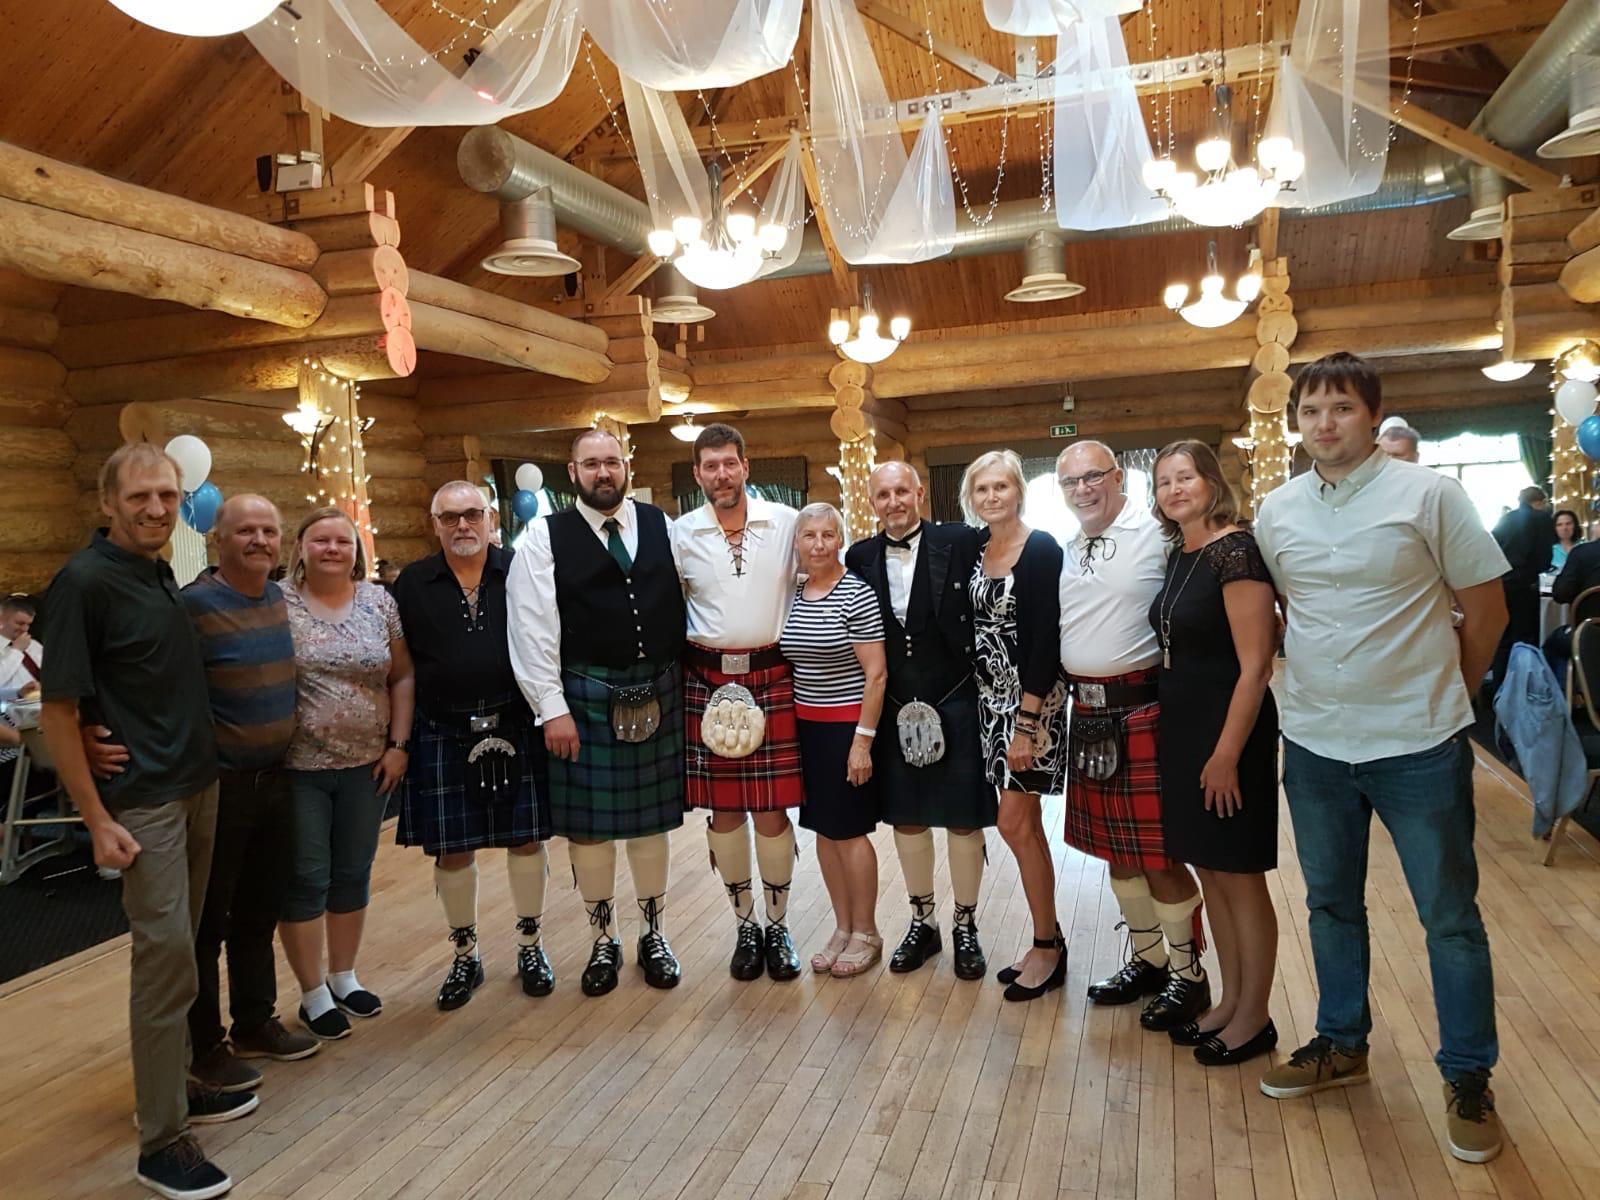 Kaare noolemängu võistlejad käisid rahvusvahelistel kurtide noolevõistlustel Šotimaal (TÄIENDATUD)